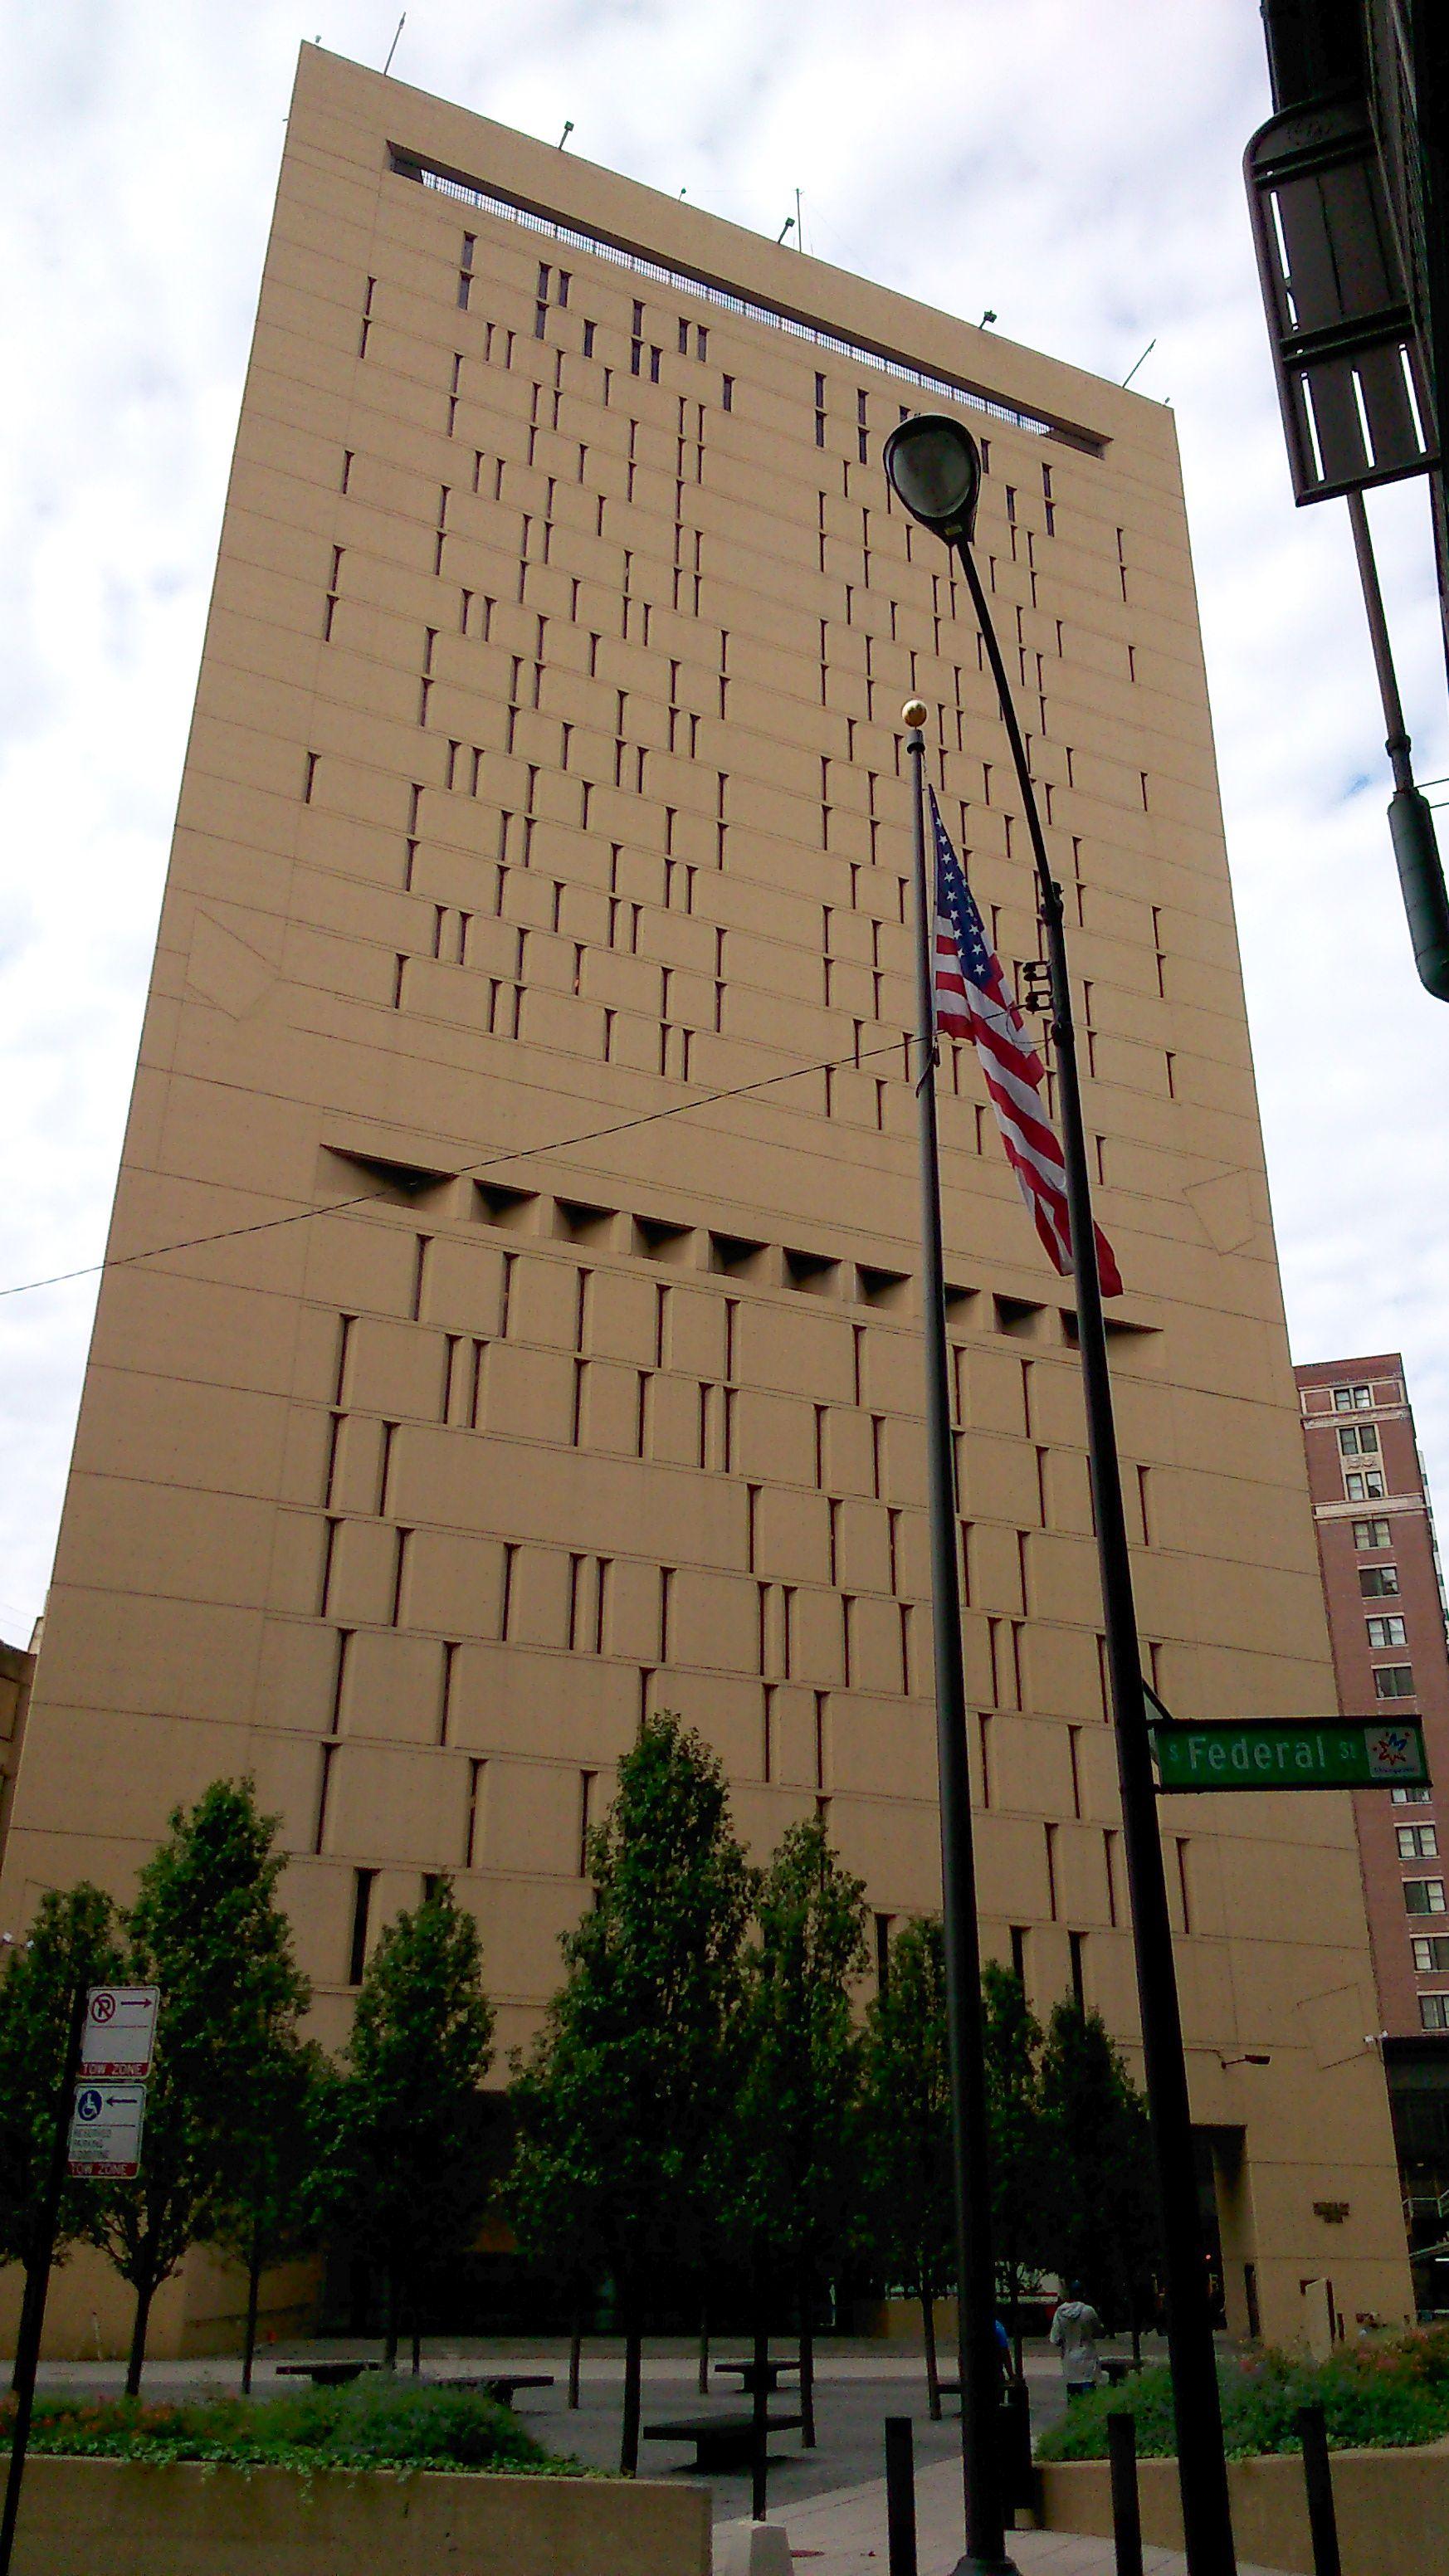 budova, ktorá ma zaujala, je to väzenie